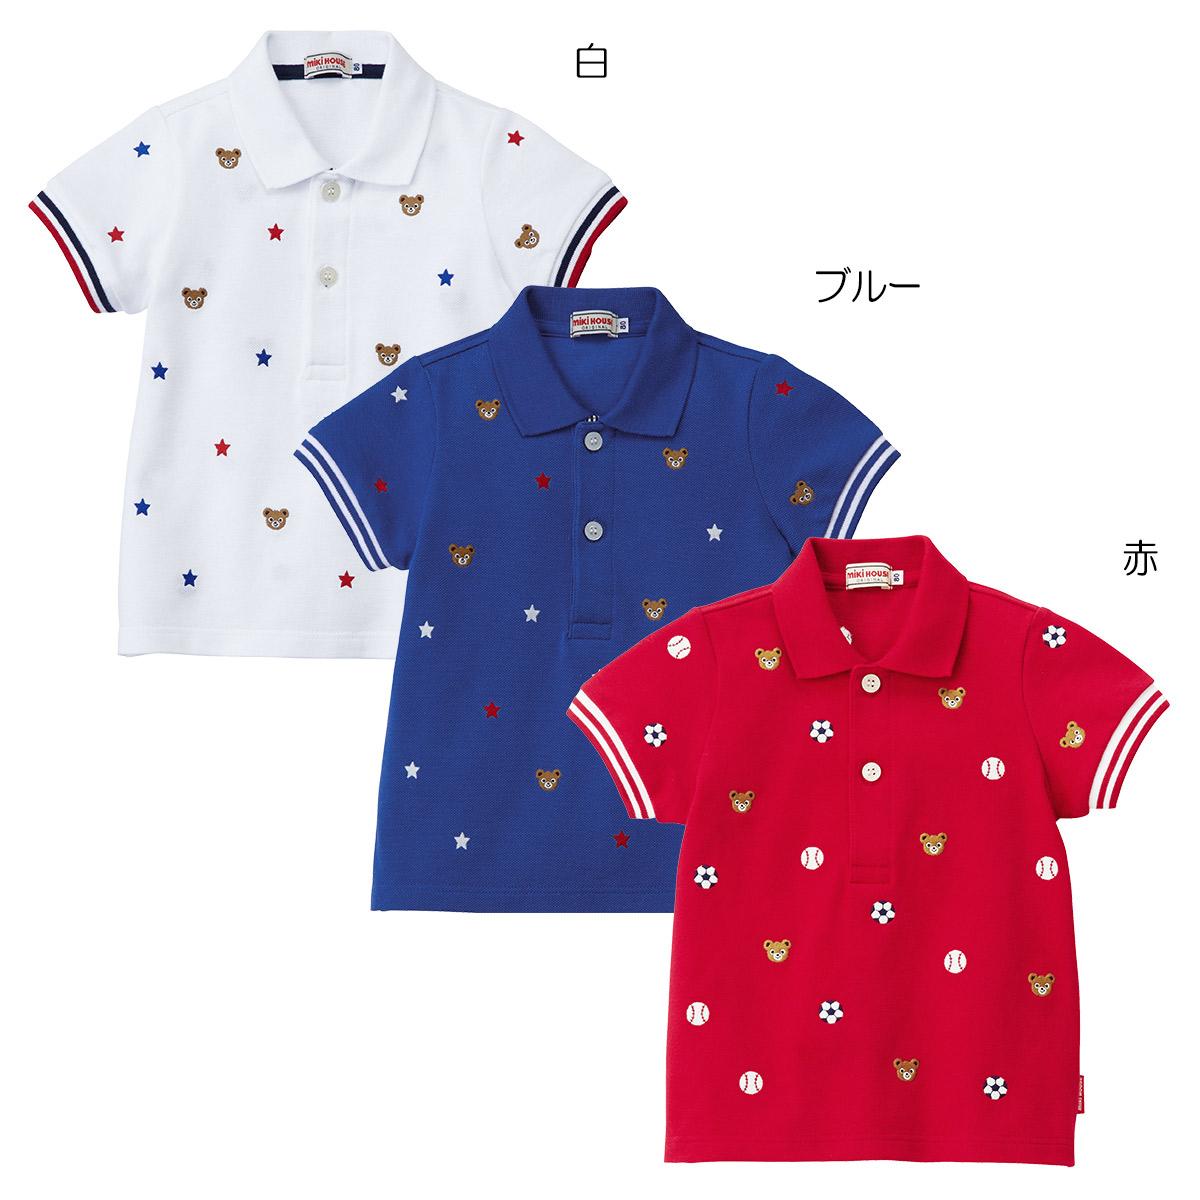 ミキハウス mikihouse プッチー プチ刺繍入り半袖ポロシャツ(80cm・90cm・100cm)